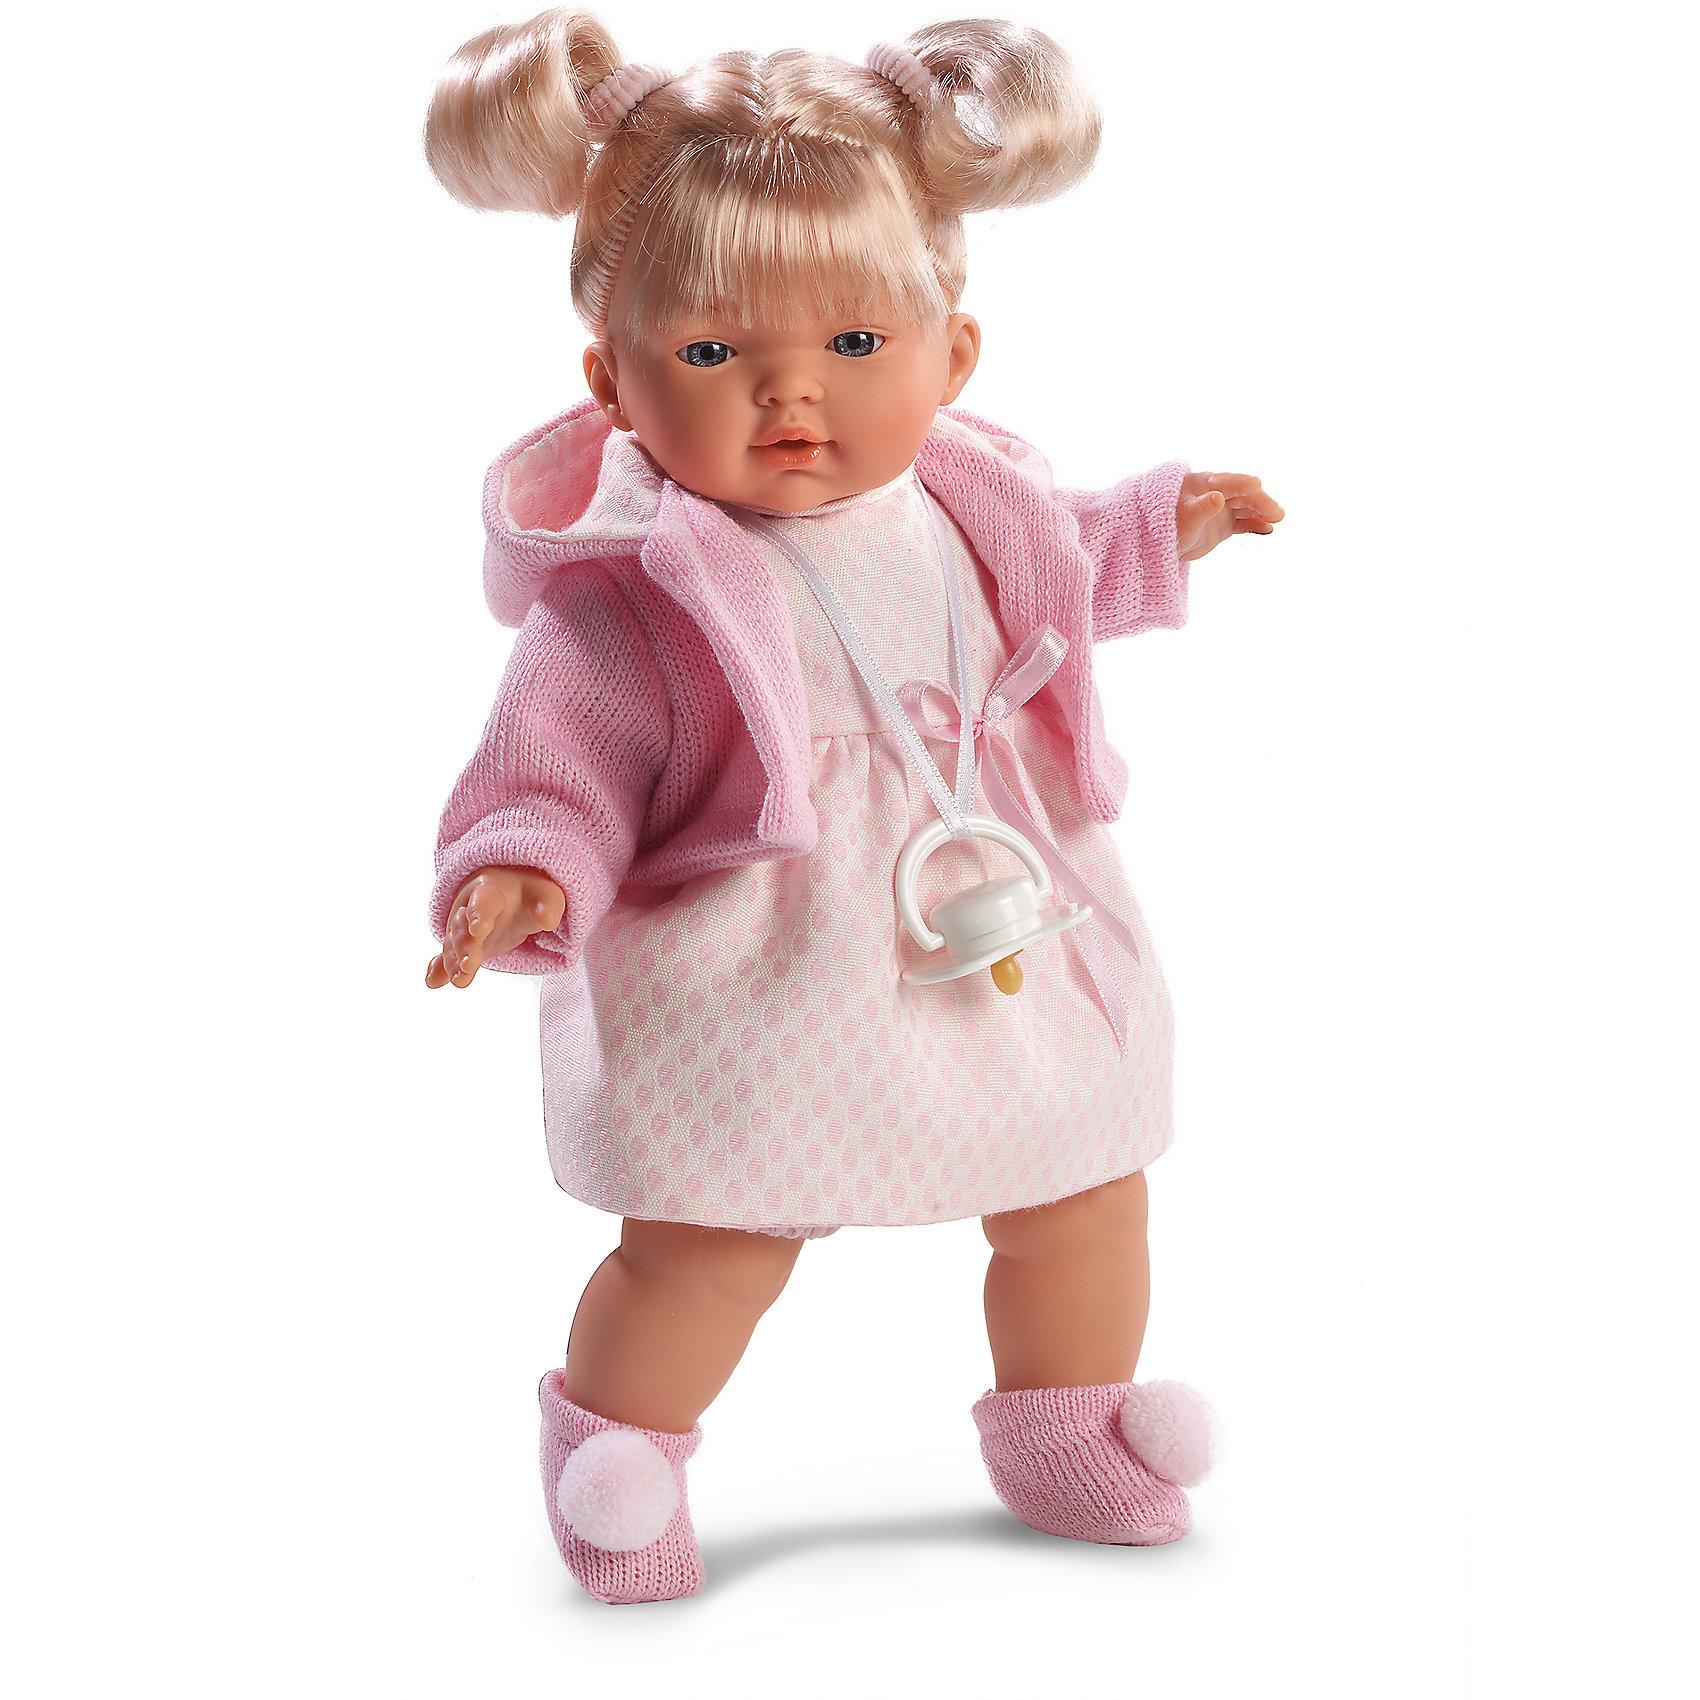 Llorens Кукла Мария, 33 см, Llorens куклы и одежда для кукол llorens кукла изабела 33 см со звуком